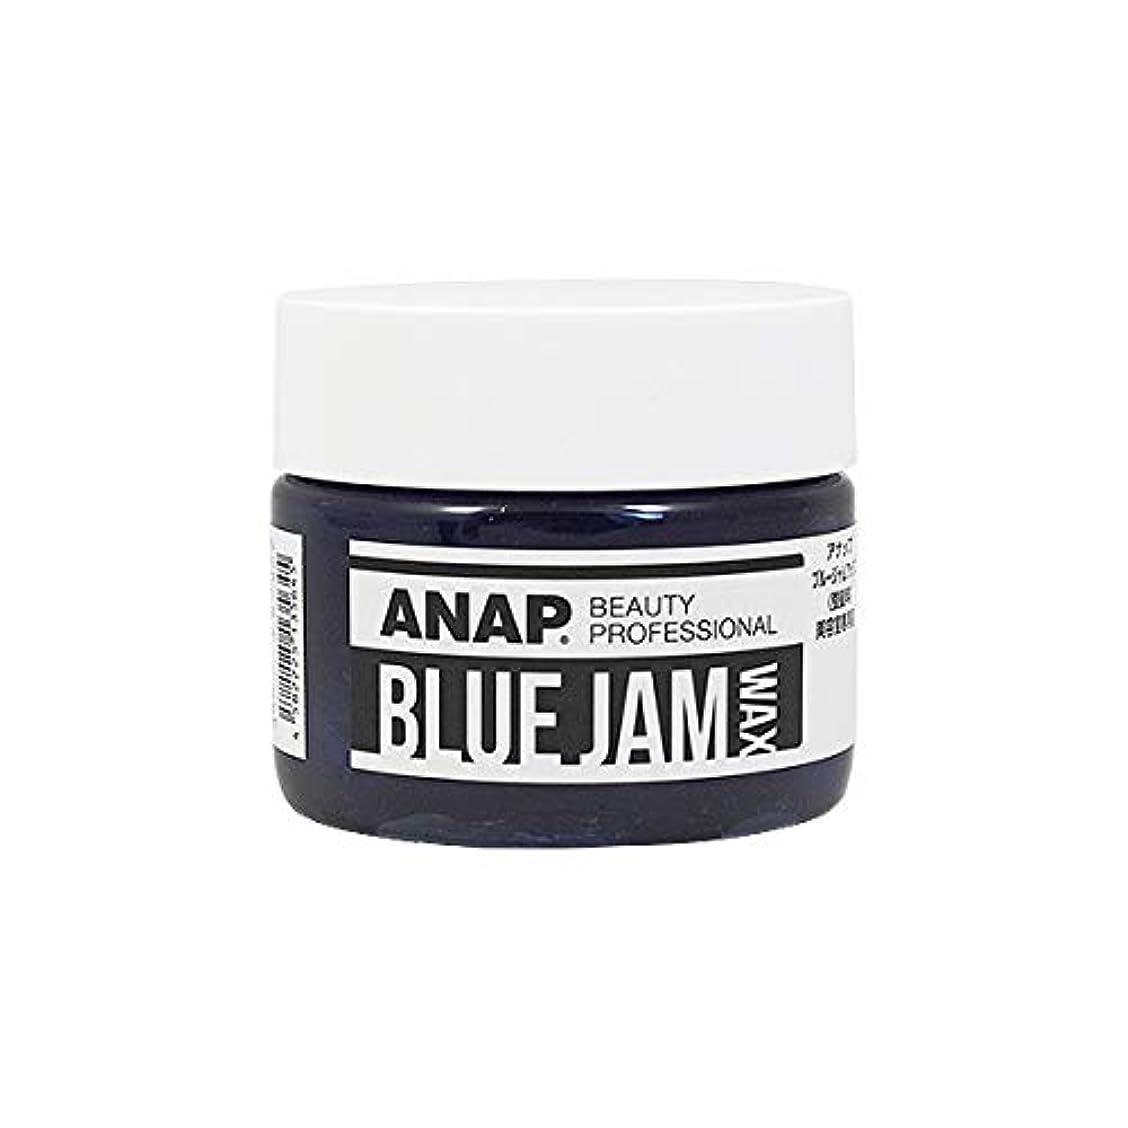 同一性検索エンジン最適化攻撃的ANAP アナップ ブルージャムワックス 185g